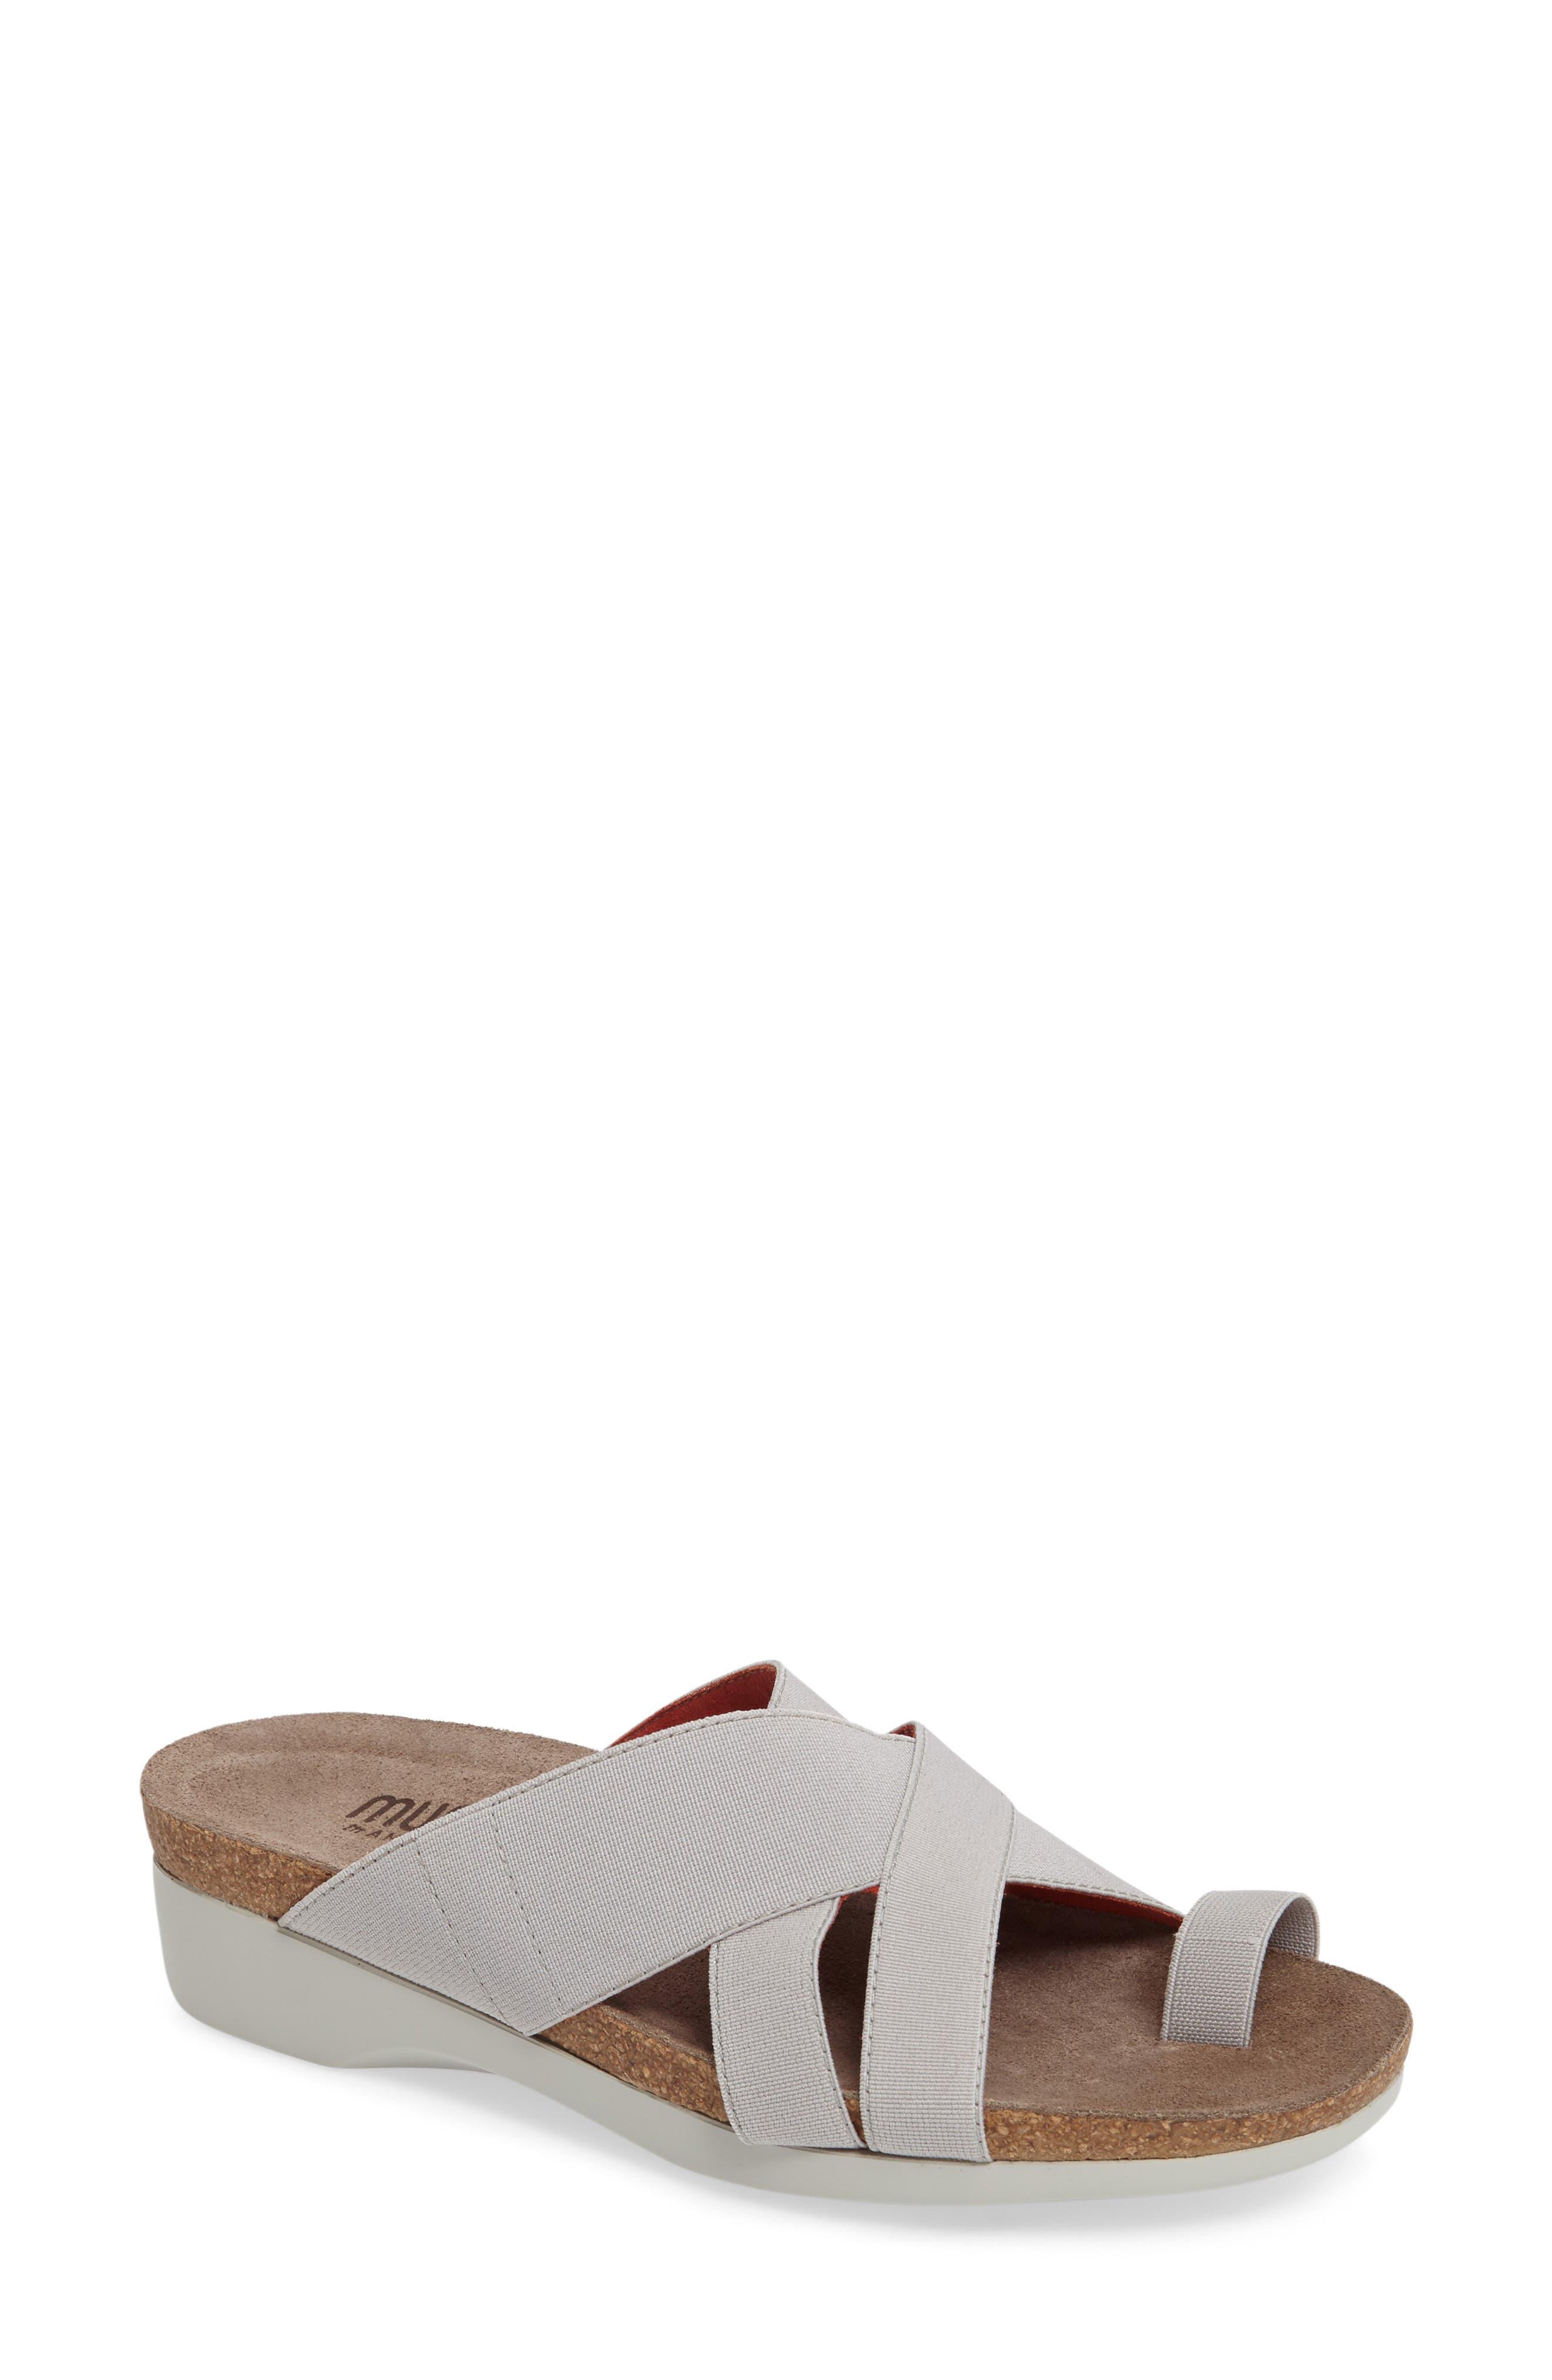 Delphi Slide Sandal,                             Main thumbnail 2, color,